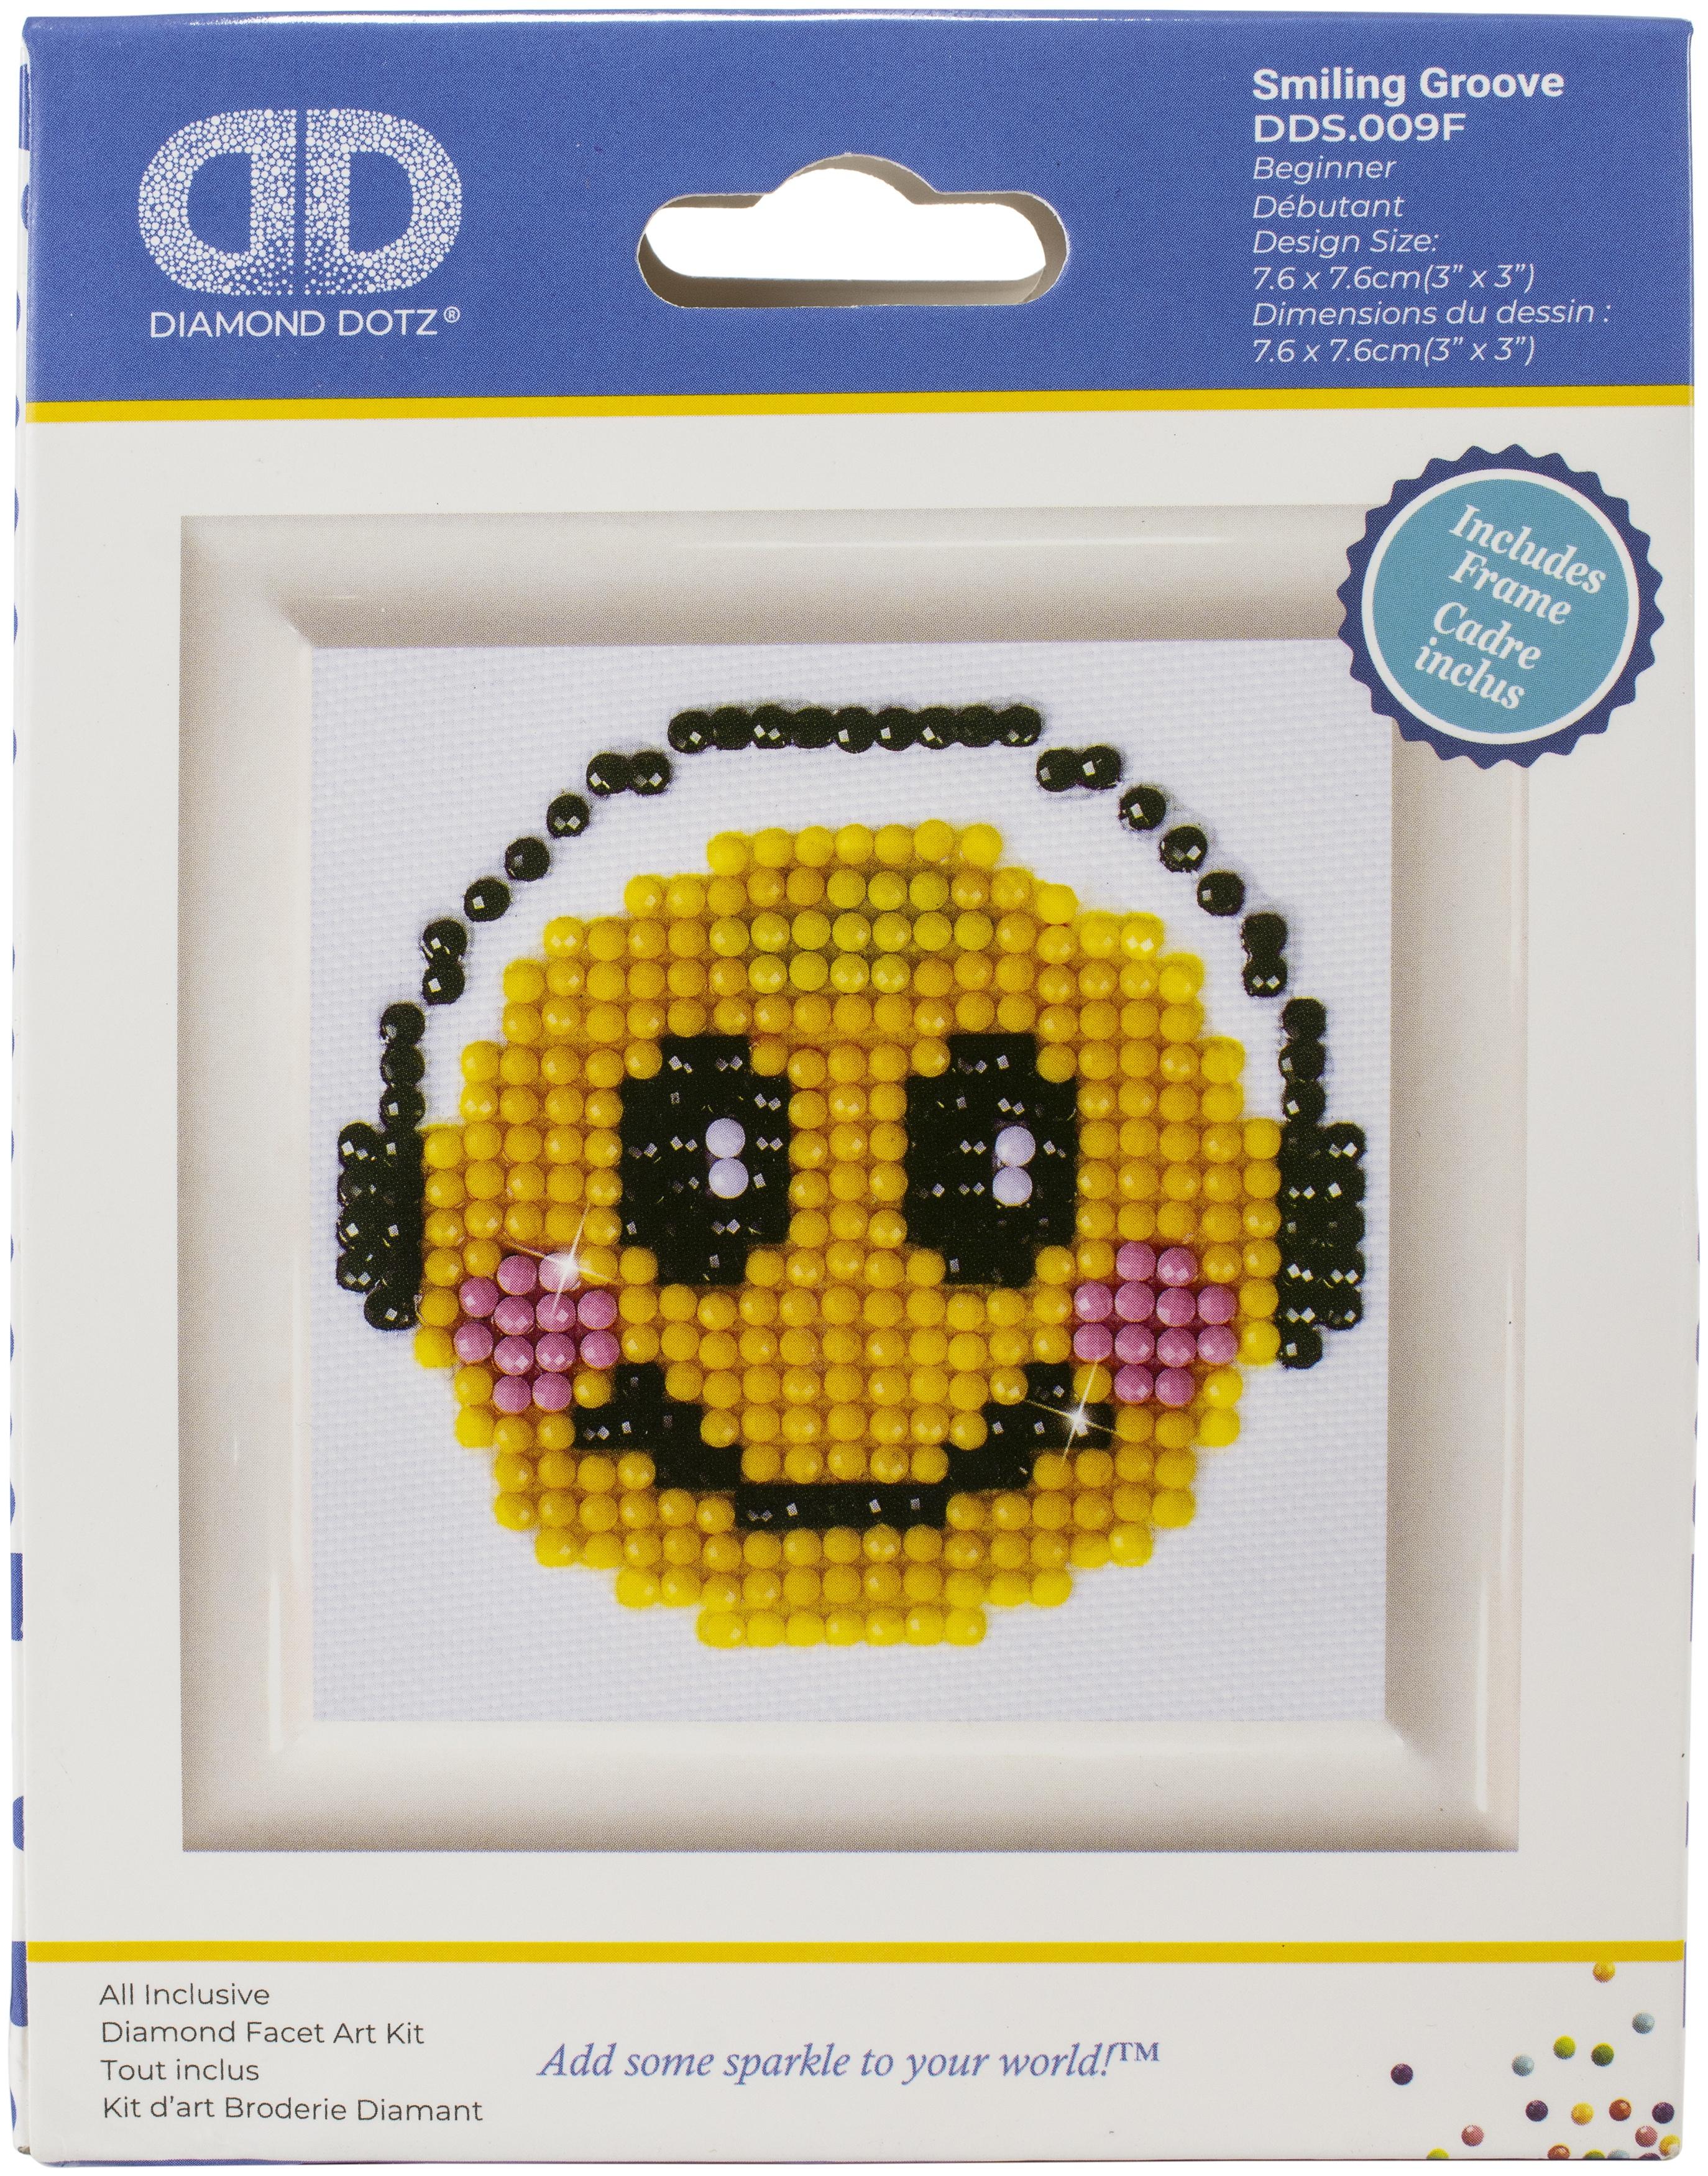 Diamond Dotz Diamond Embroidery Facet Art Kit W/ Frame-Smiling Groove W/ White Frame